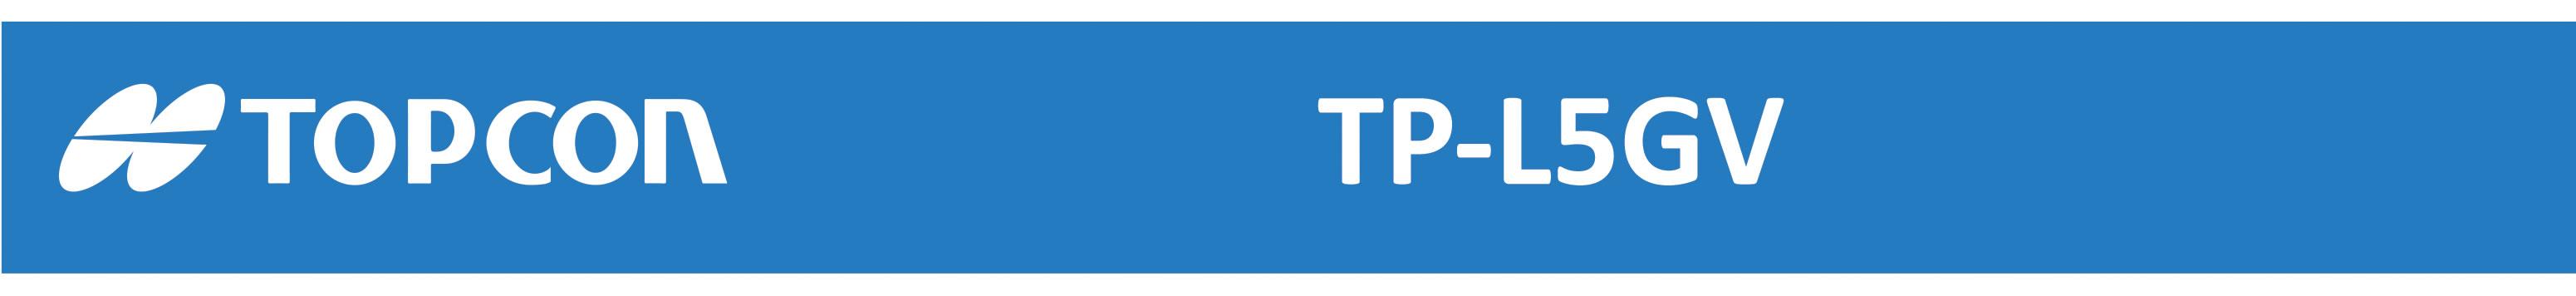 Topcon Tp L4gv